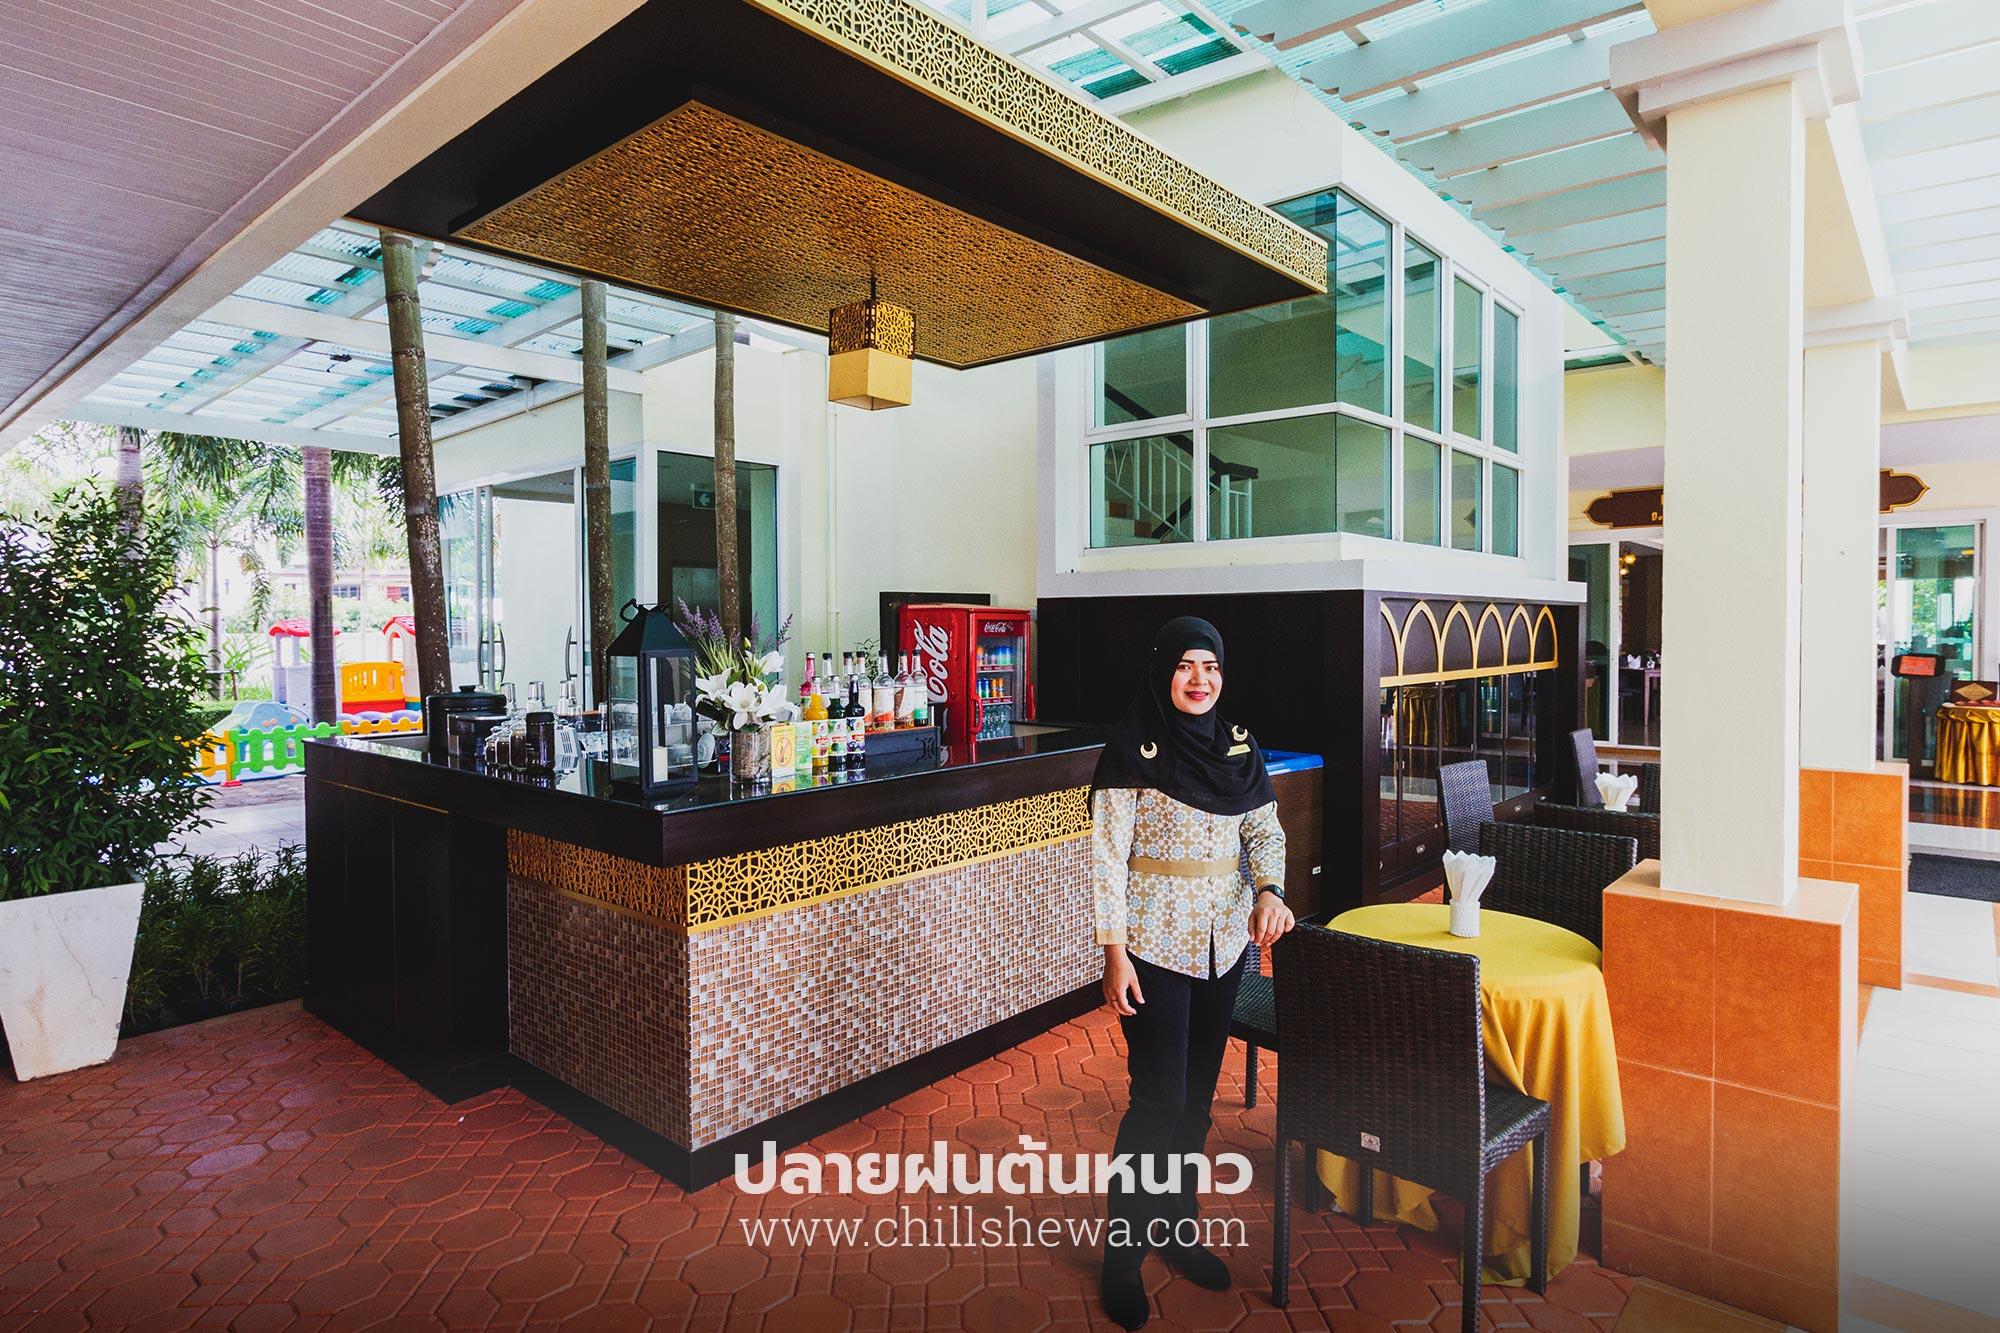 Krabi Front Bay Resort กระบี่ ฟร้อนท์ เบย์ รีสอร์ท krabi front bay resort Krabi Front Bay Resort กระบี่ ฟร้อนท์ เบย์ รีสอร์ท Krabi Front Bay Resort 15